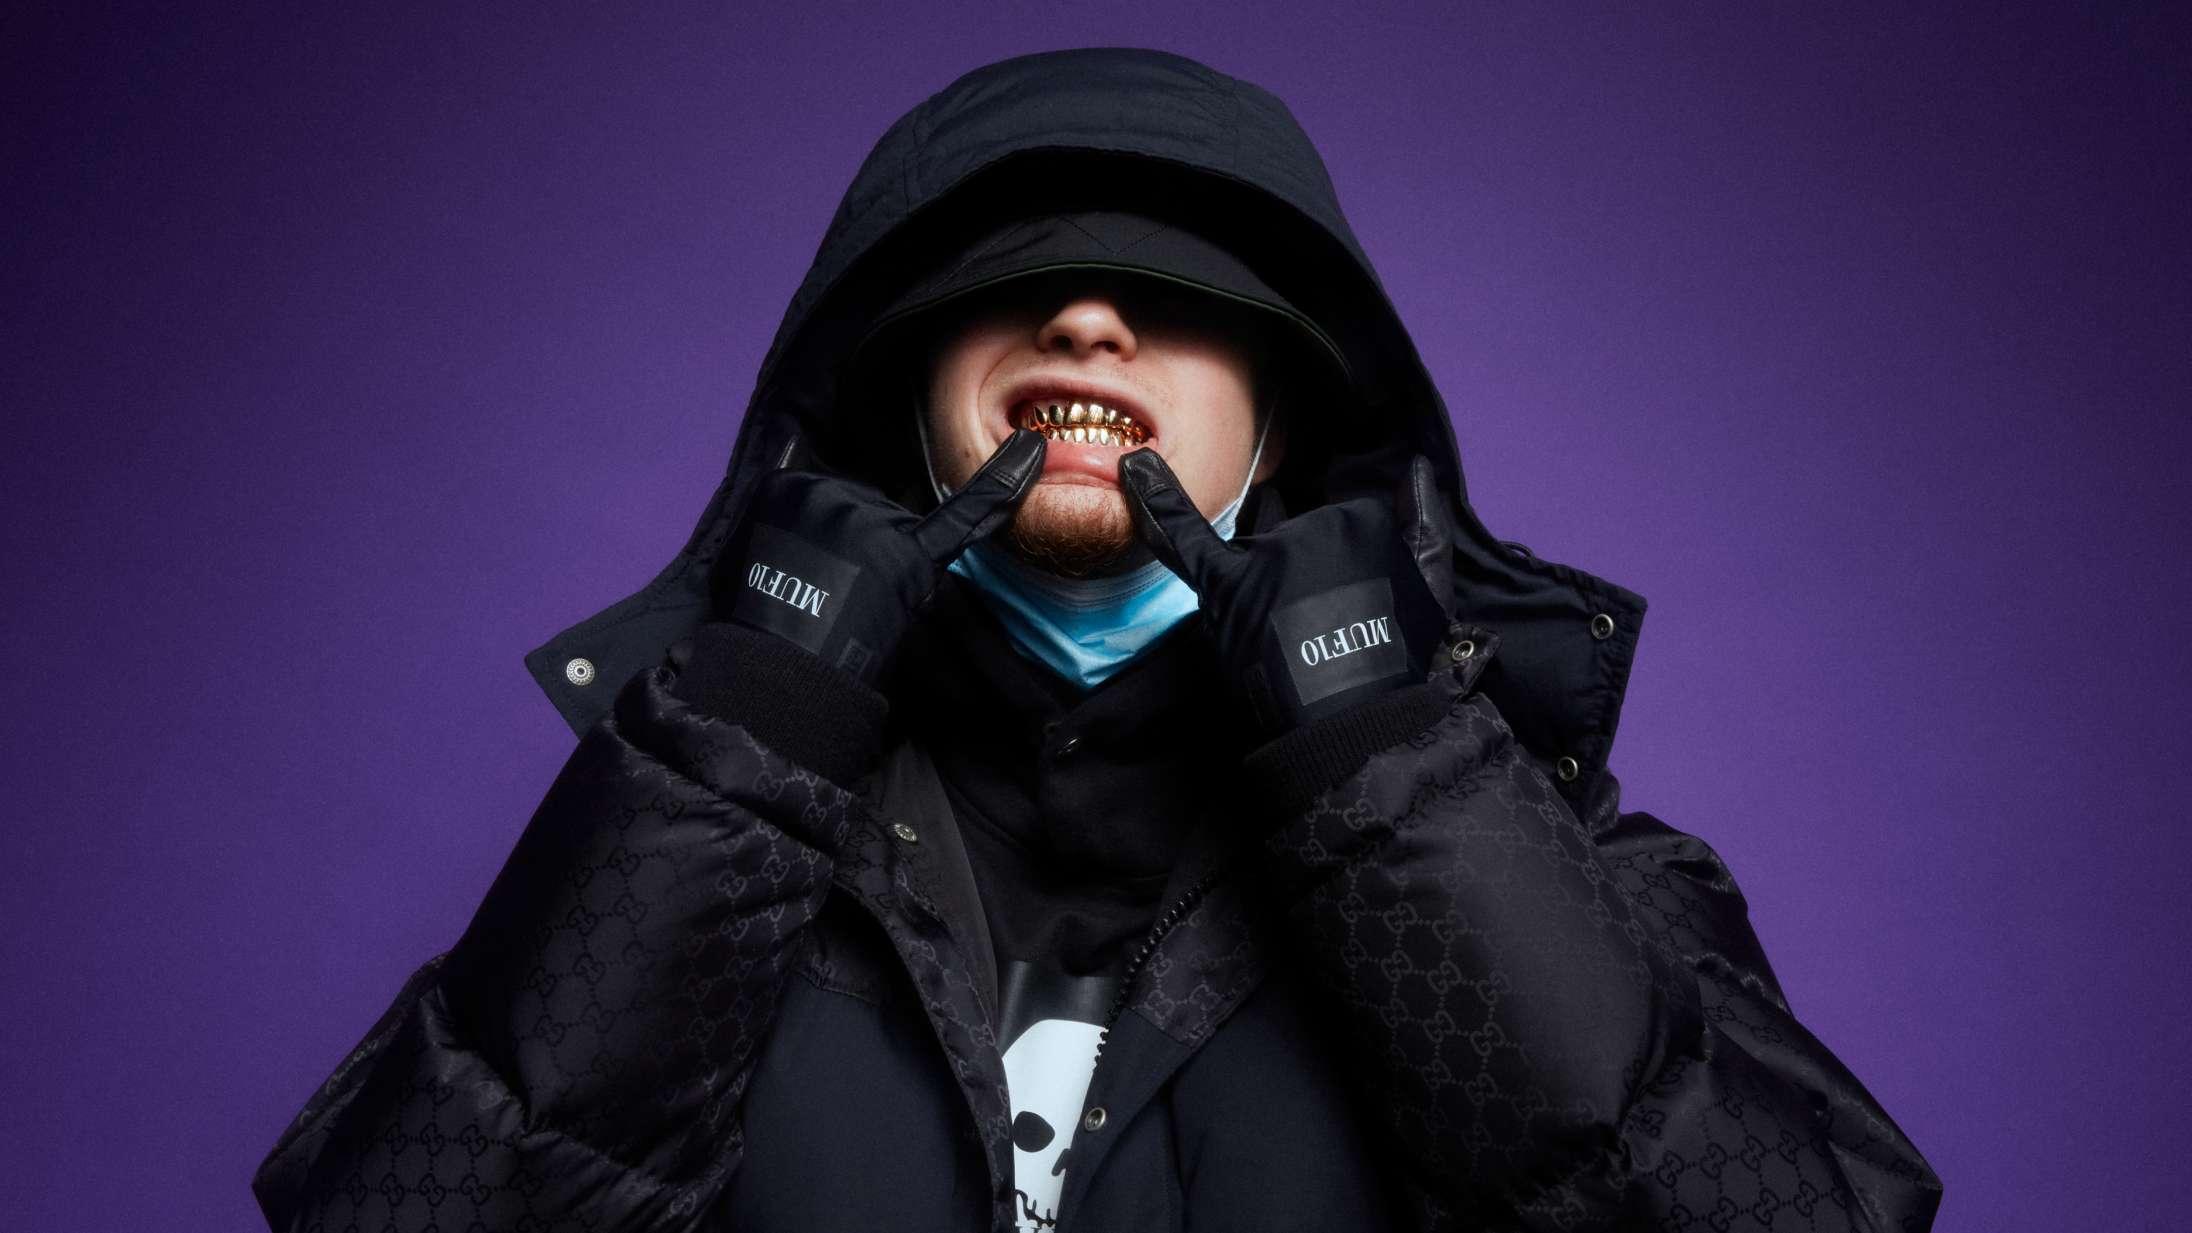 Soundvenue Springer: Drill-rapperen Miklo fortæller historien om mennesket bag masken